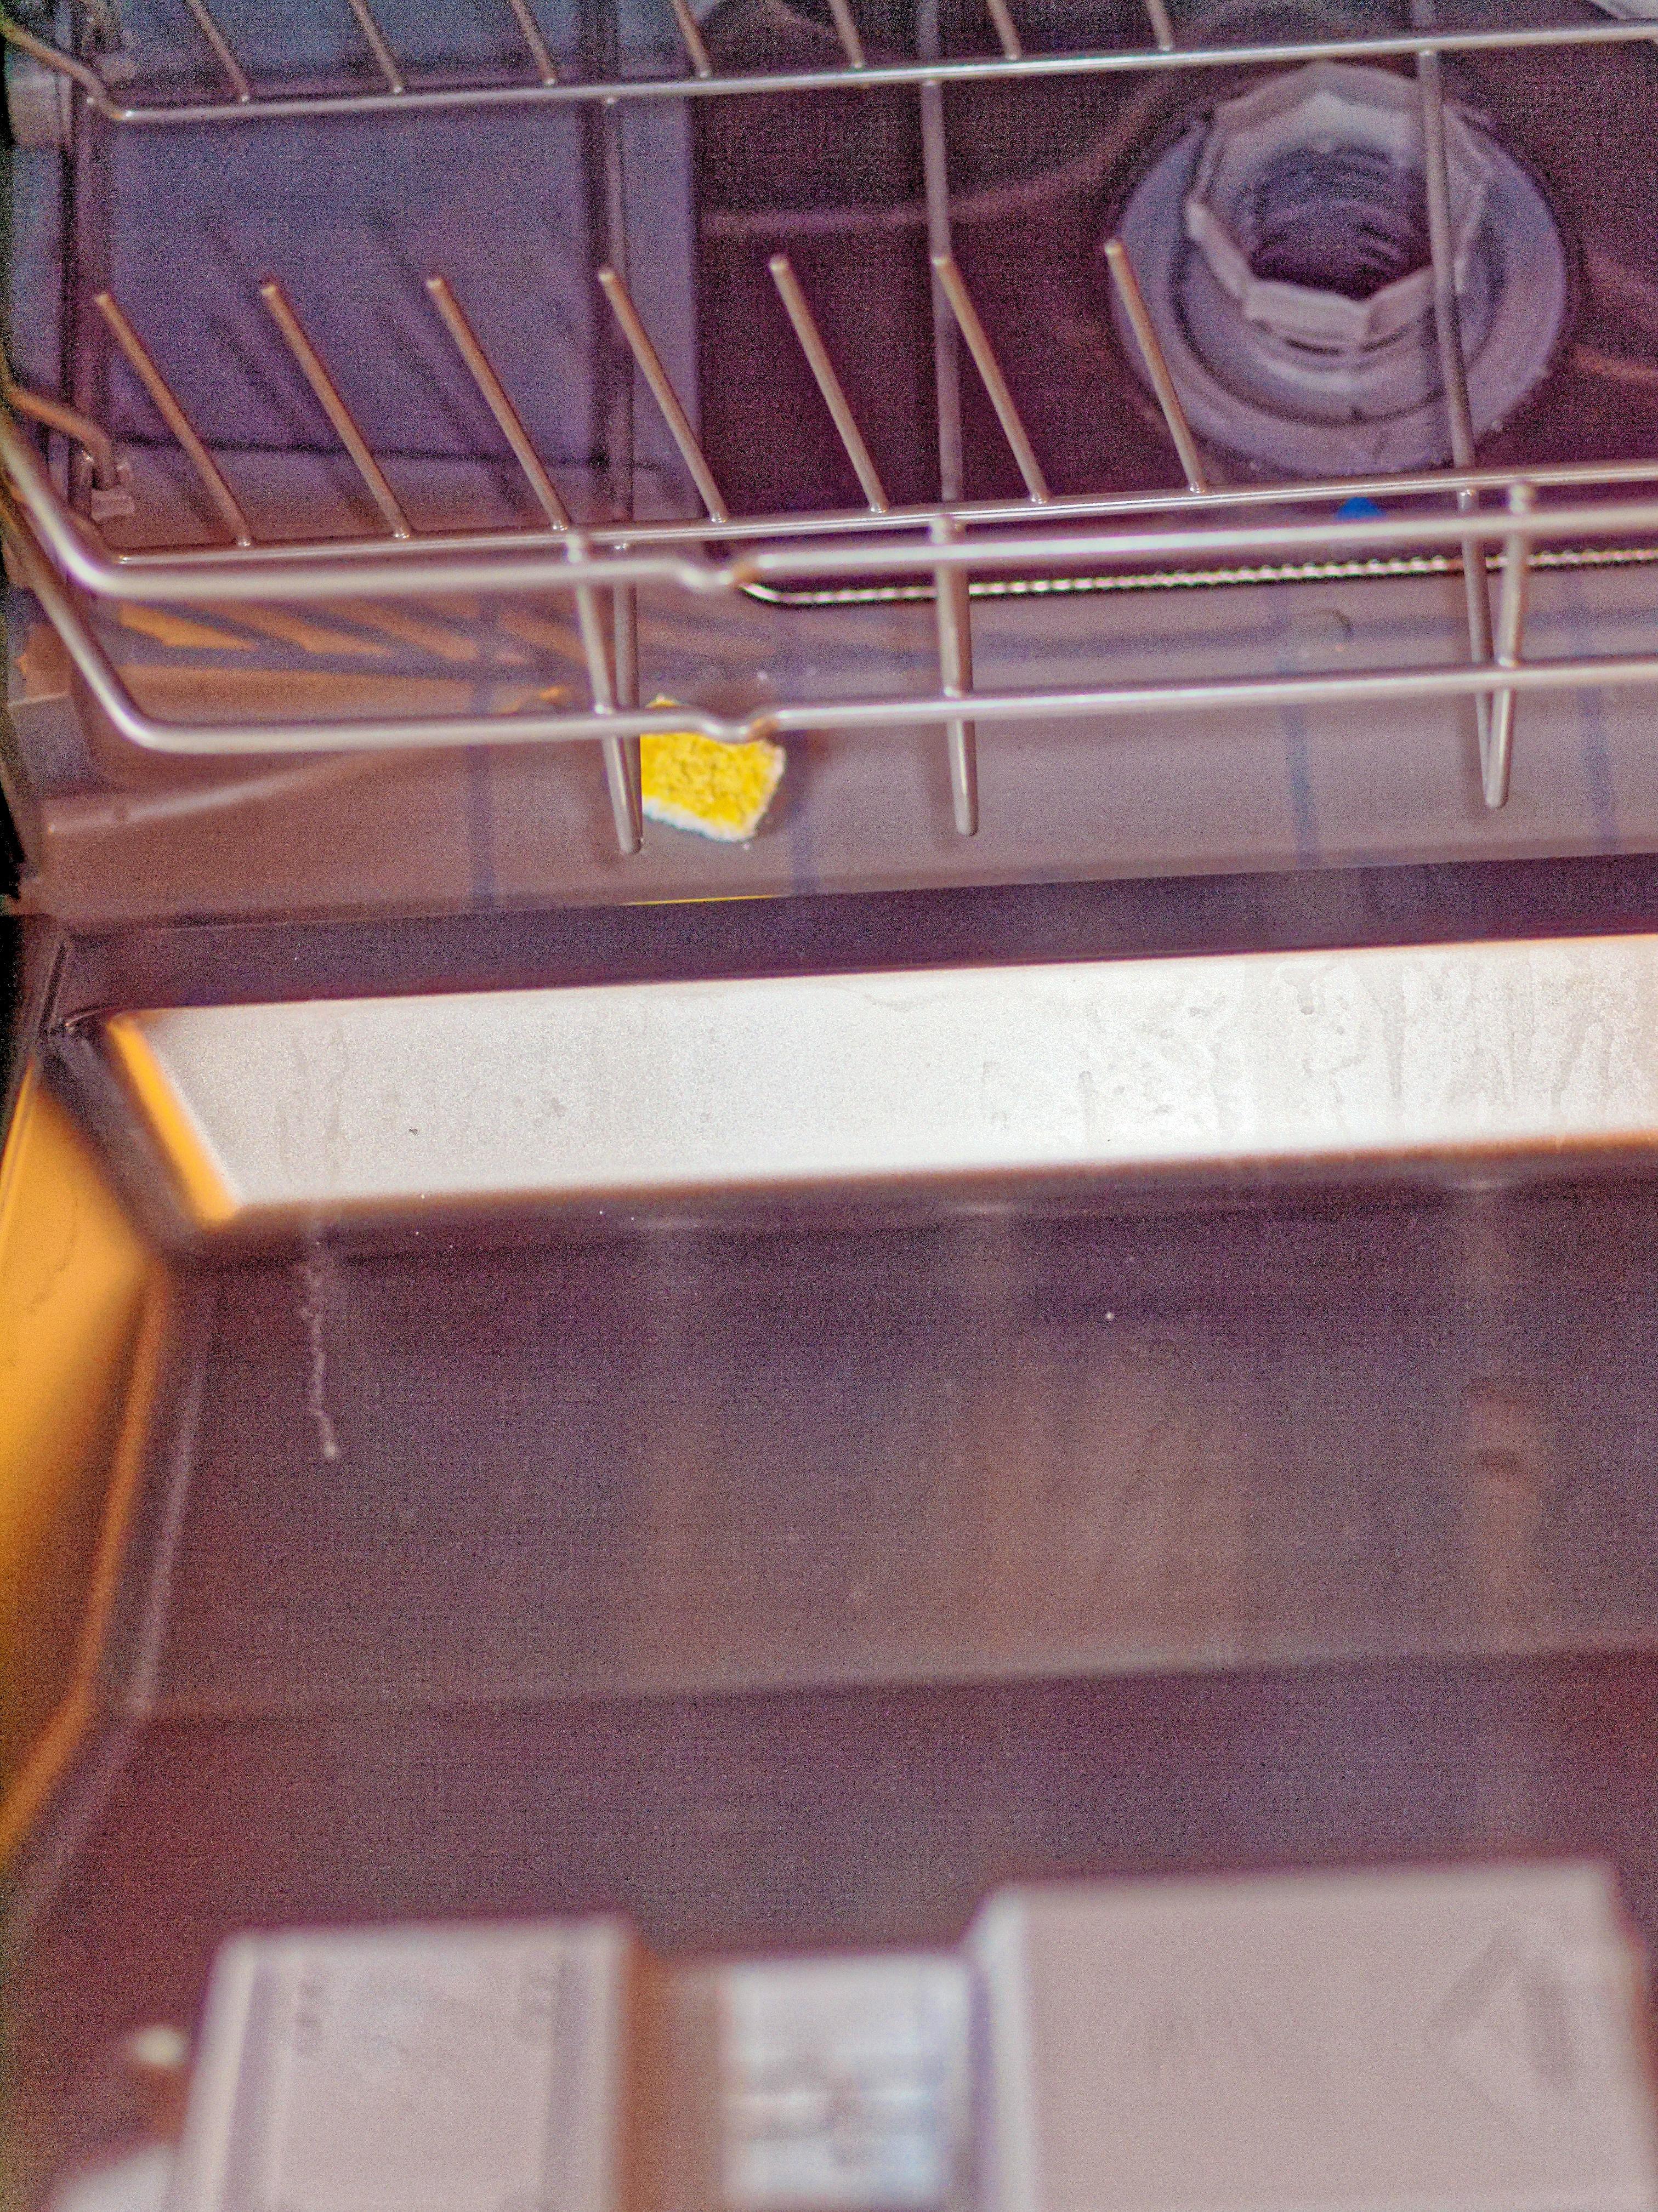 Dish-washer-4.jpeg